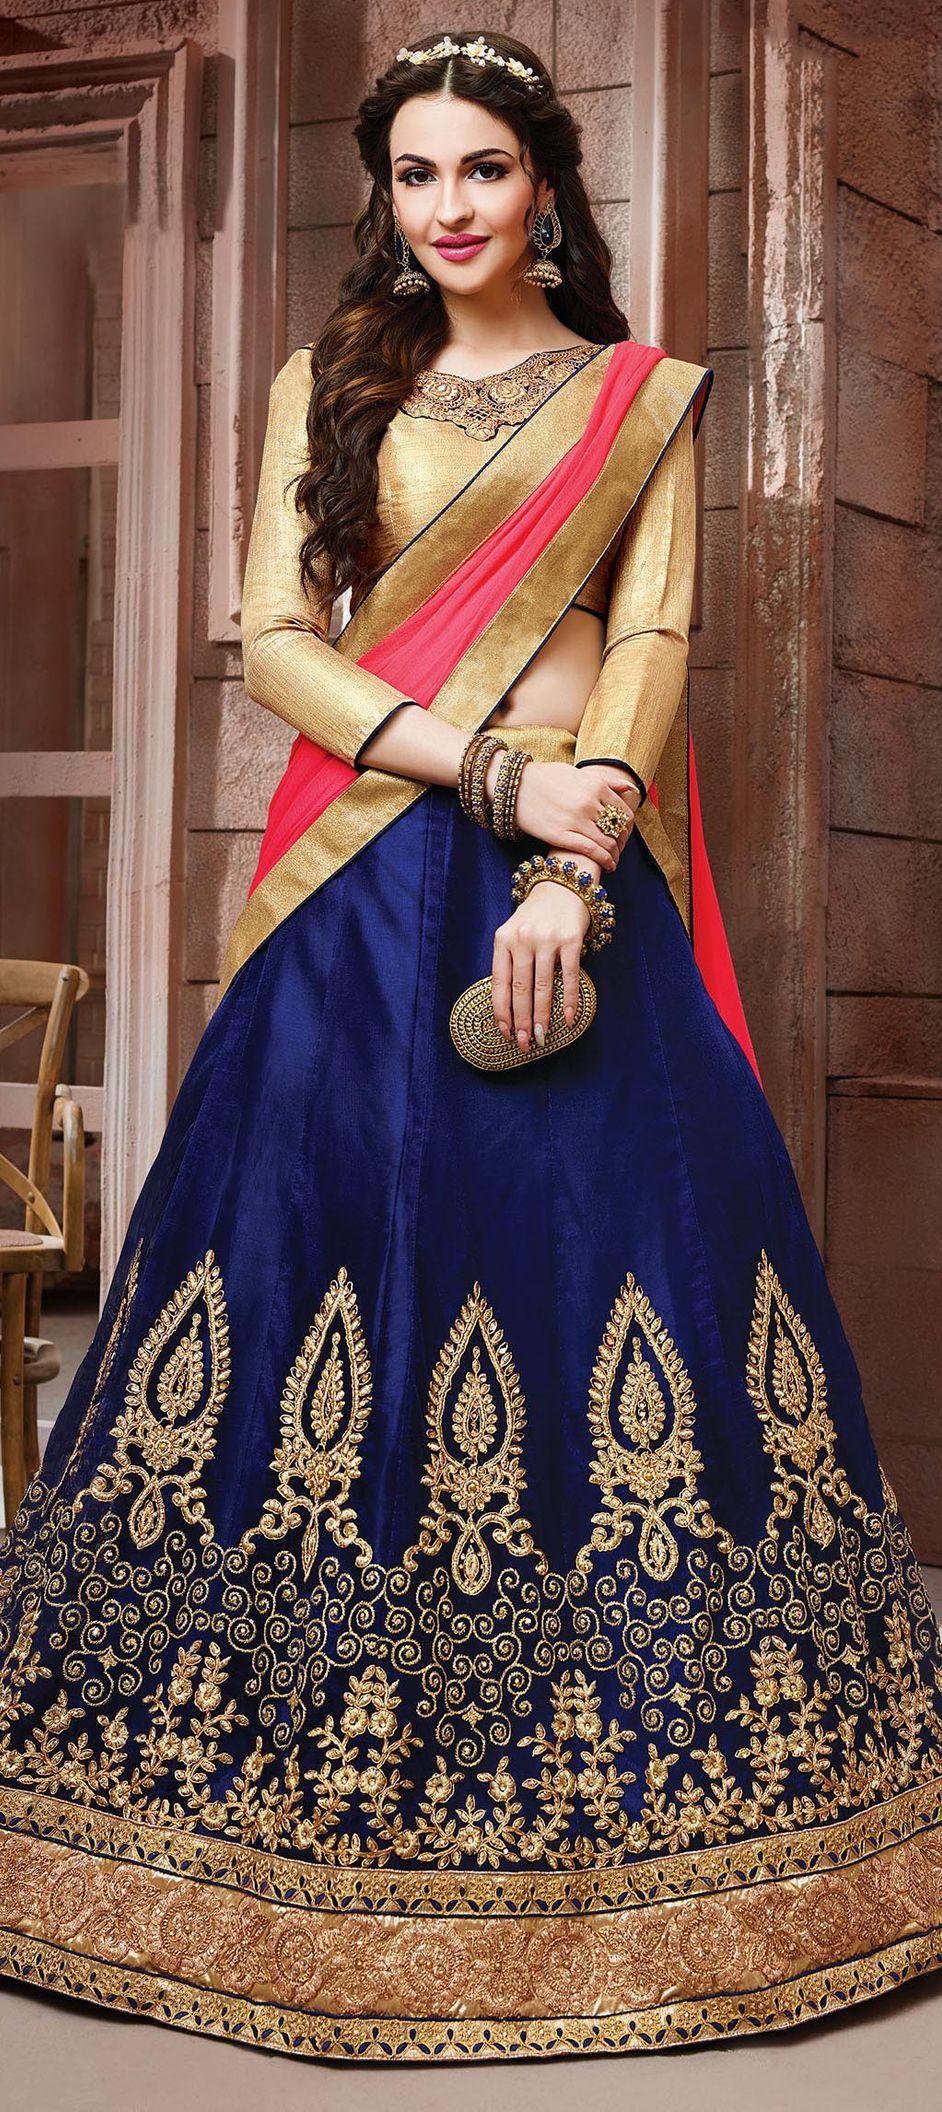 blue color family brides maid lehenga mehendi u sangeet